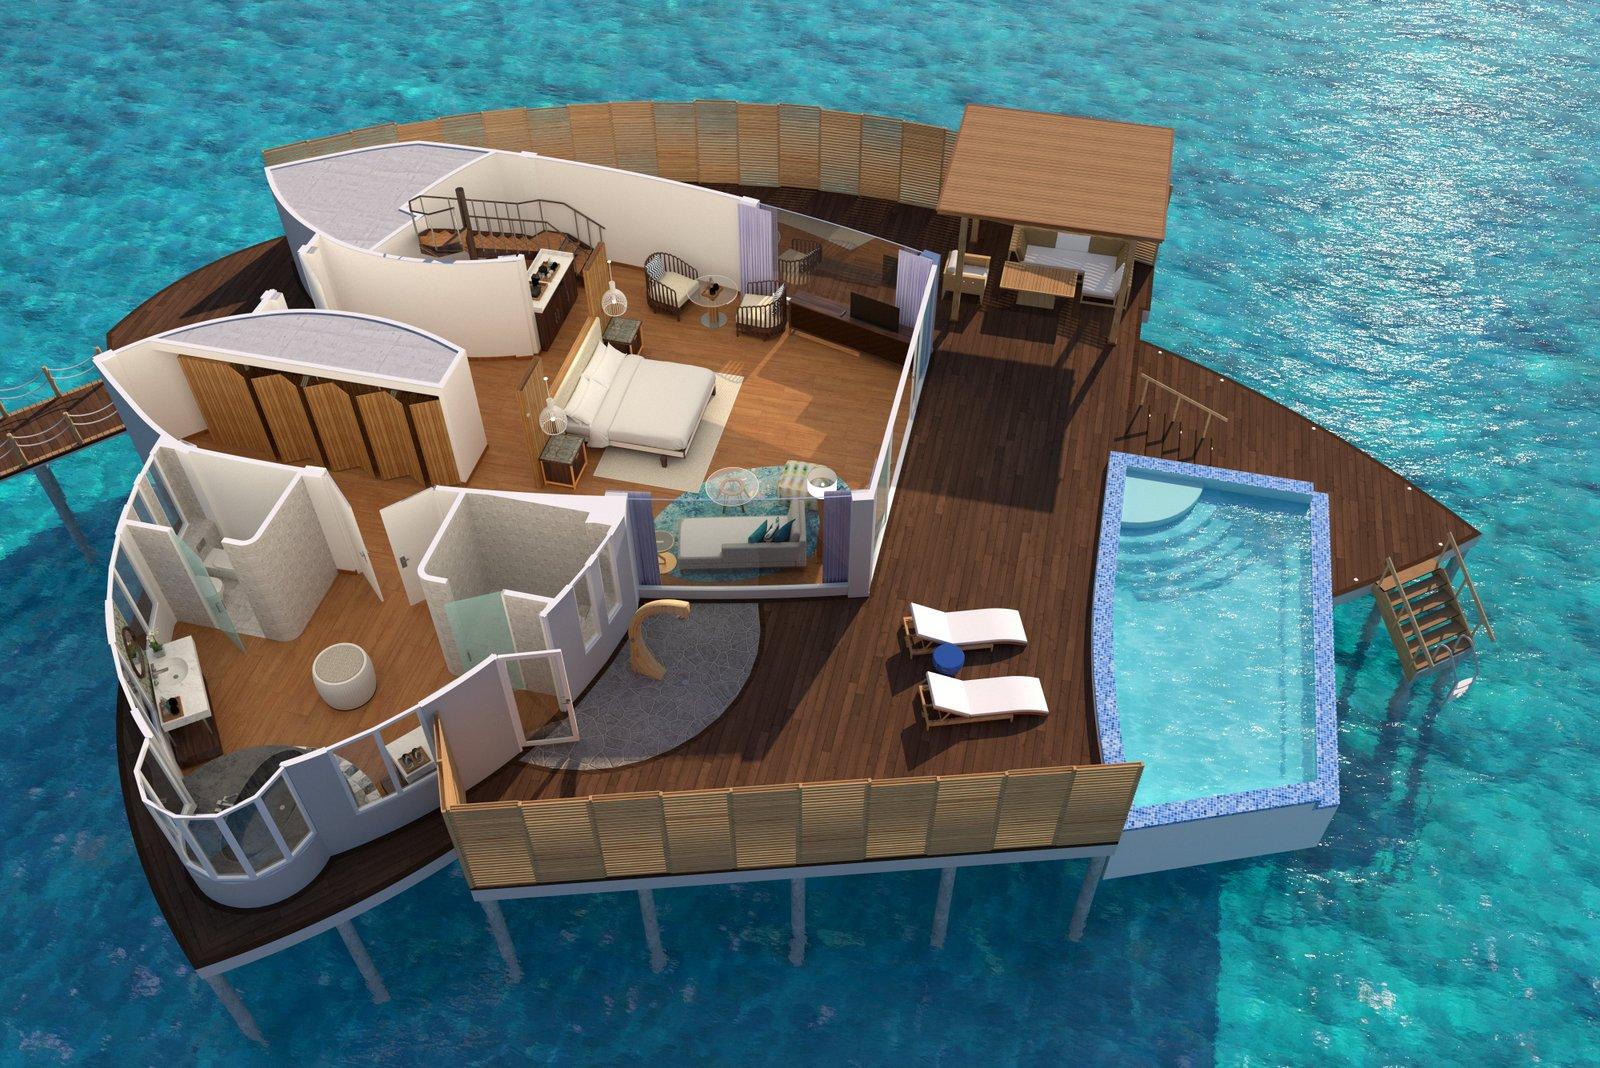 Мальдивы, отель JW Marriott Maldives Resort, план-схема номера Duplex Over Water Pool Villa